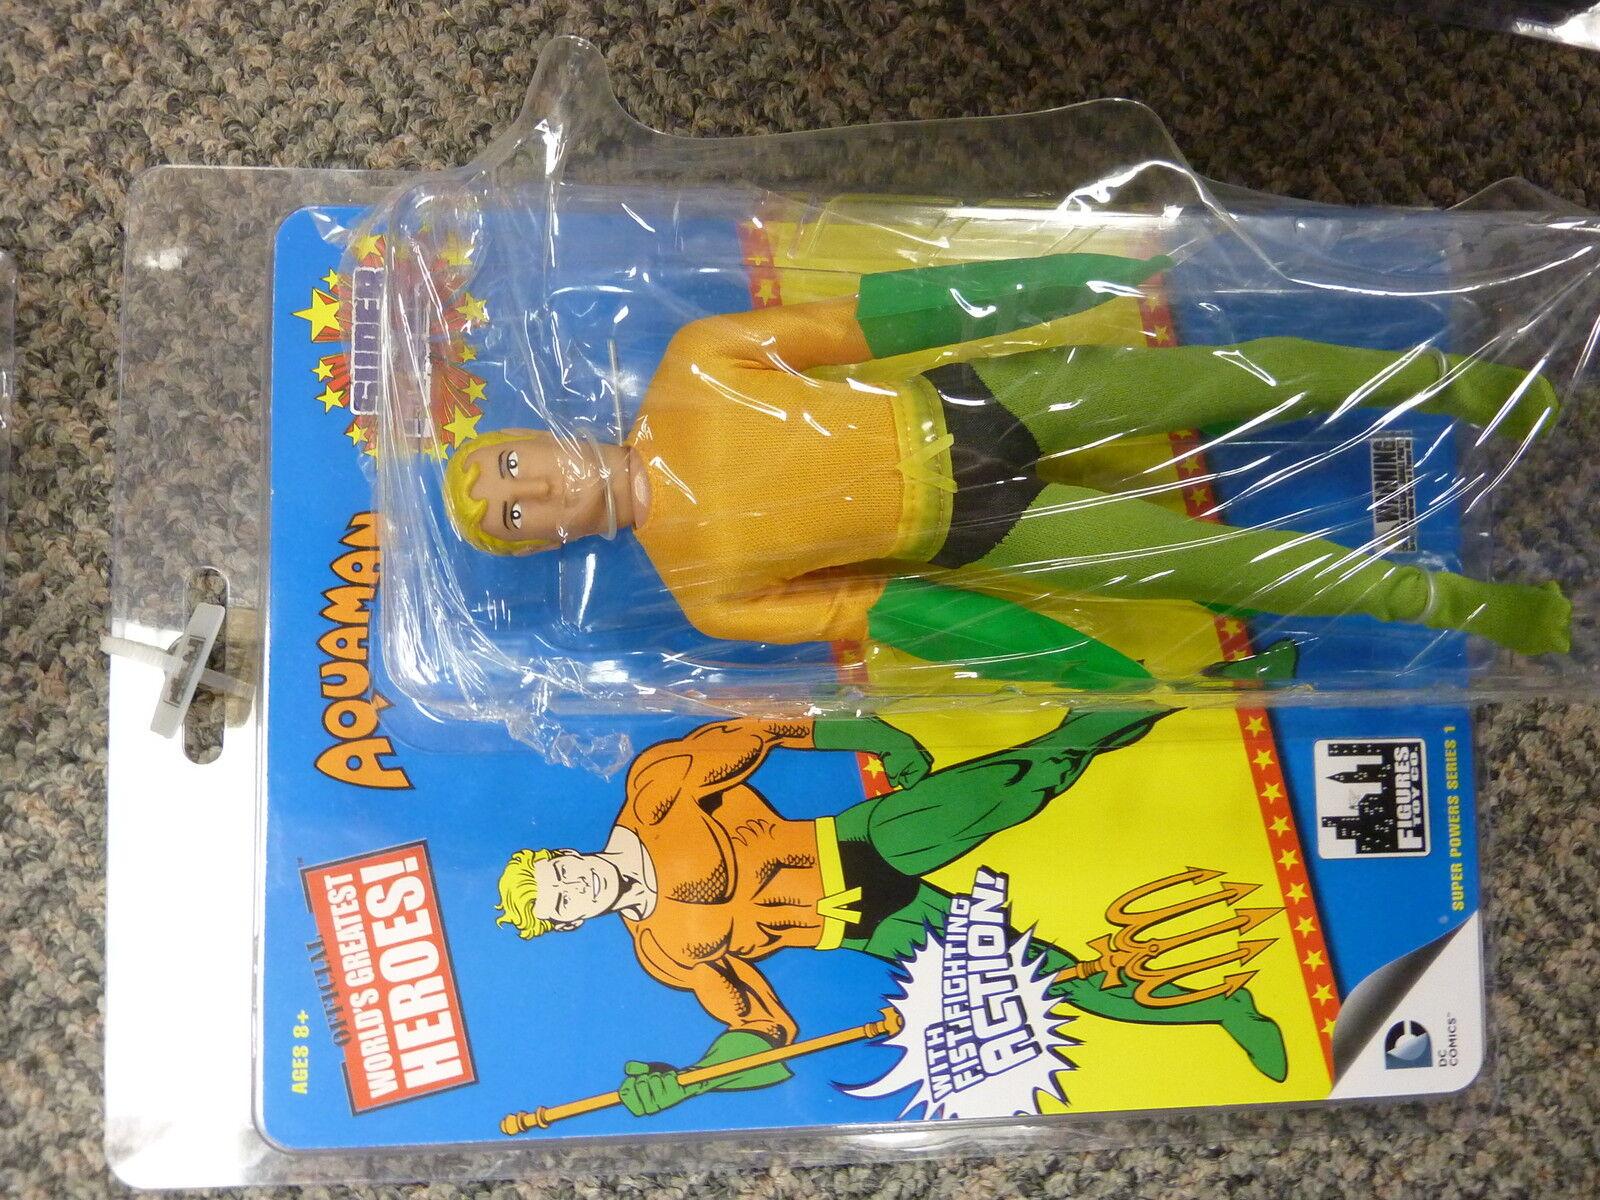 Weltweit größten helden superkräfte, s.1 set  aquaman    o   Grün arrow   superman